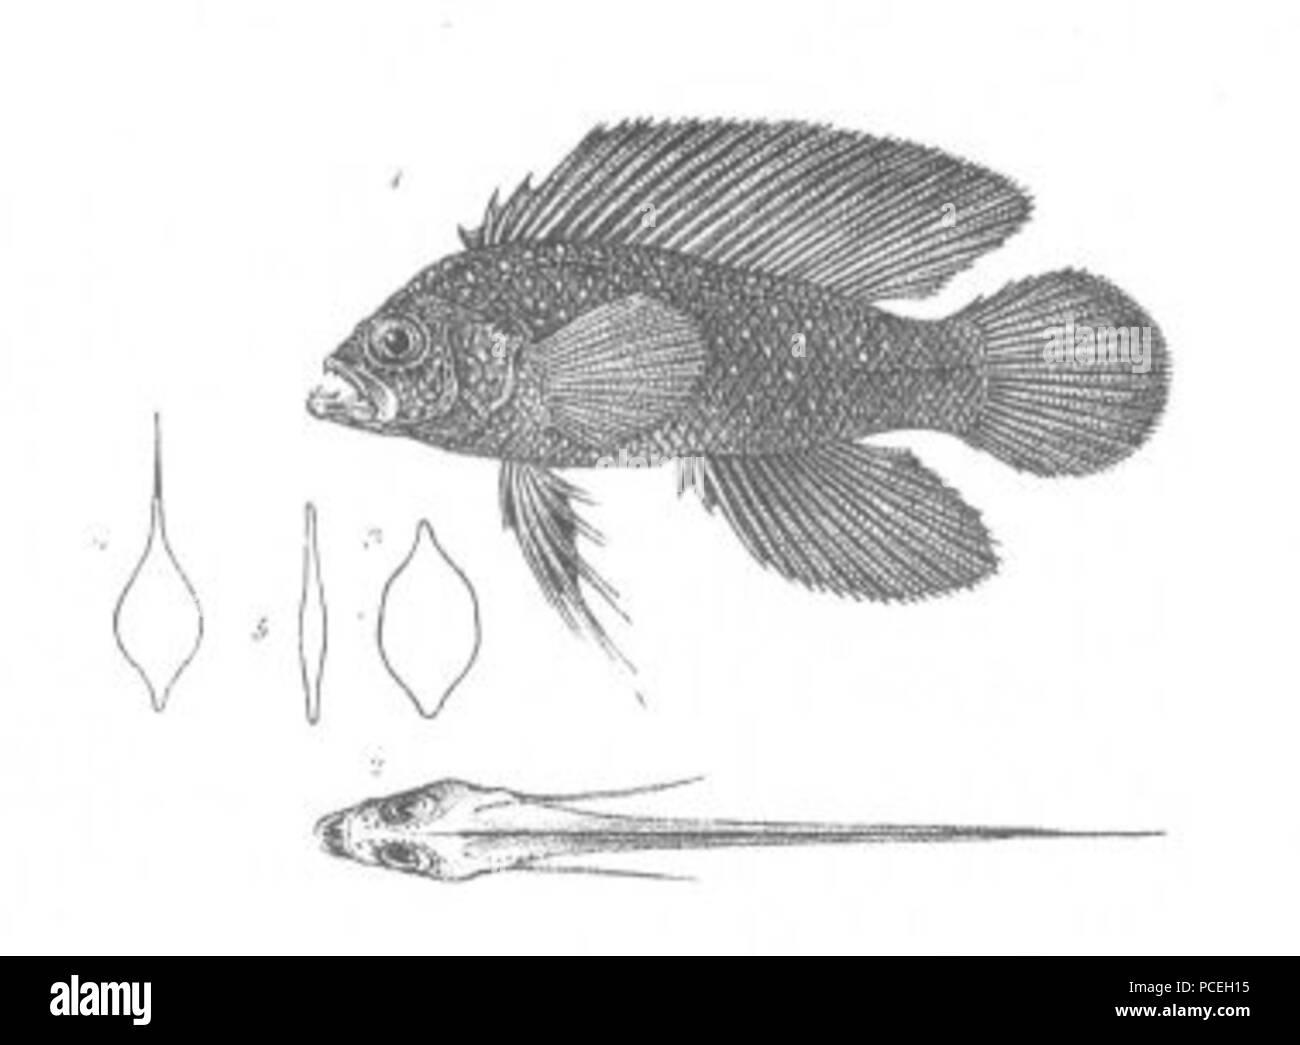 60 Assiculus punctatus (Discoveries in Australia) - Stock Image